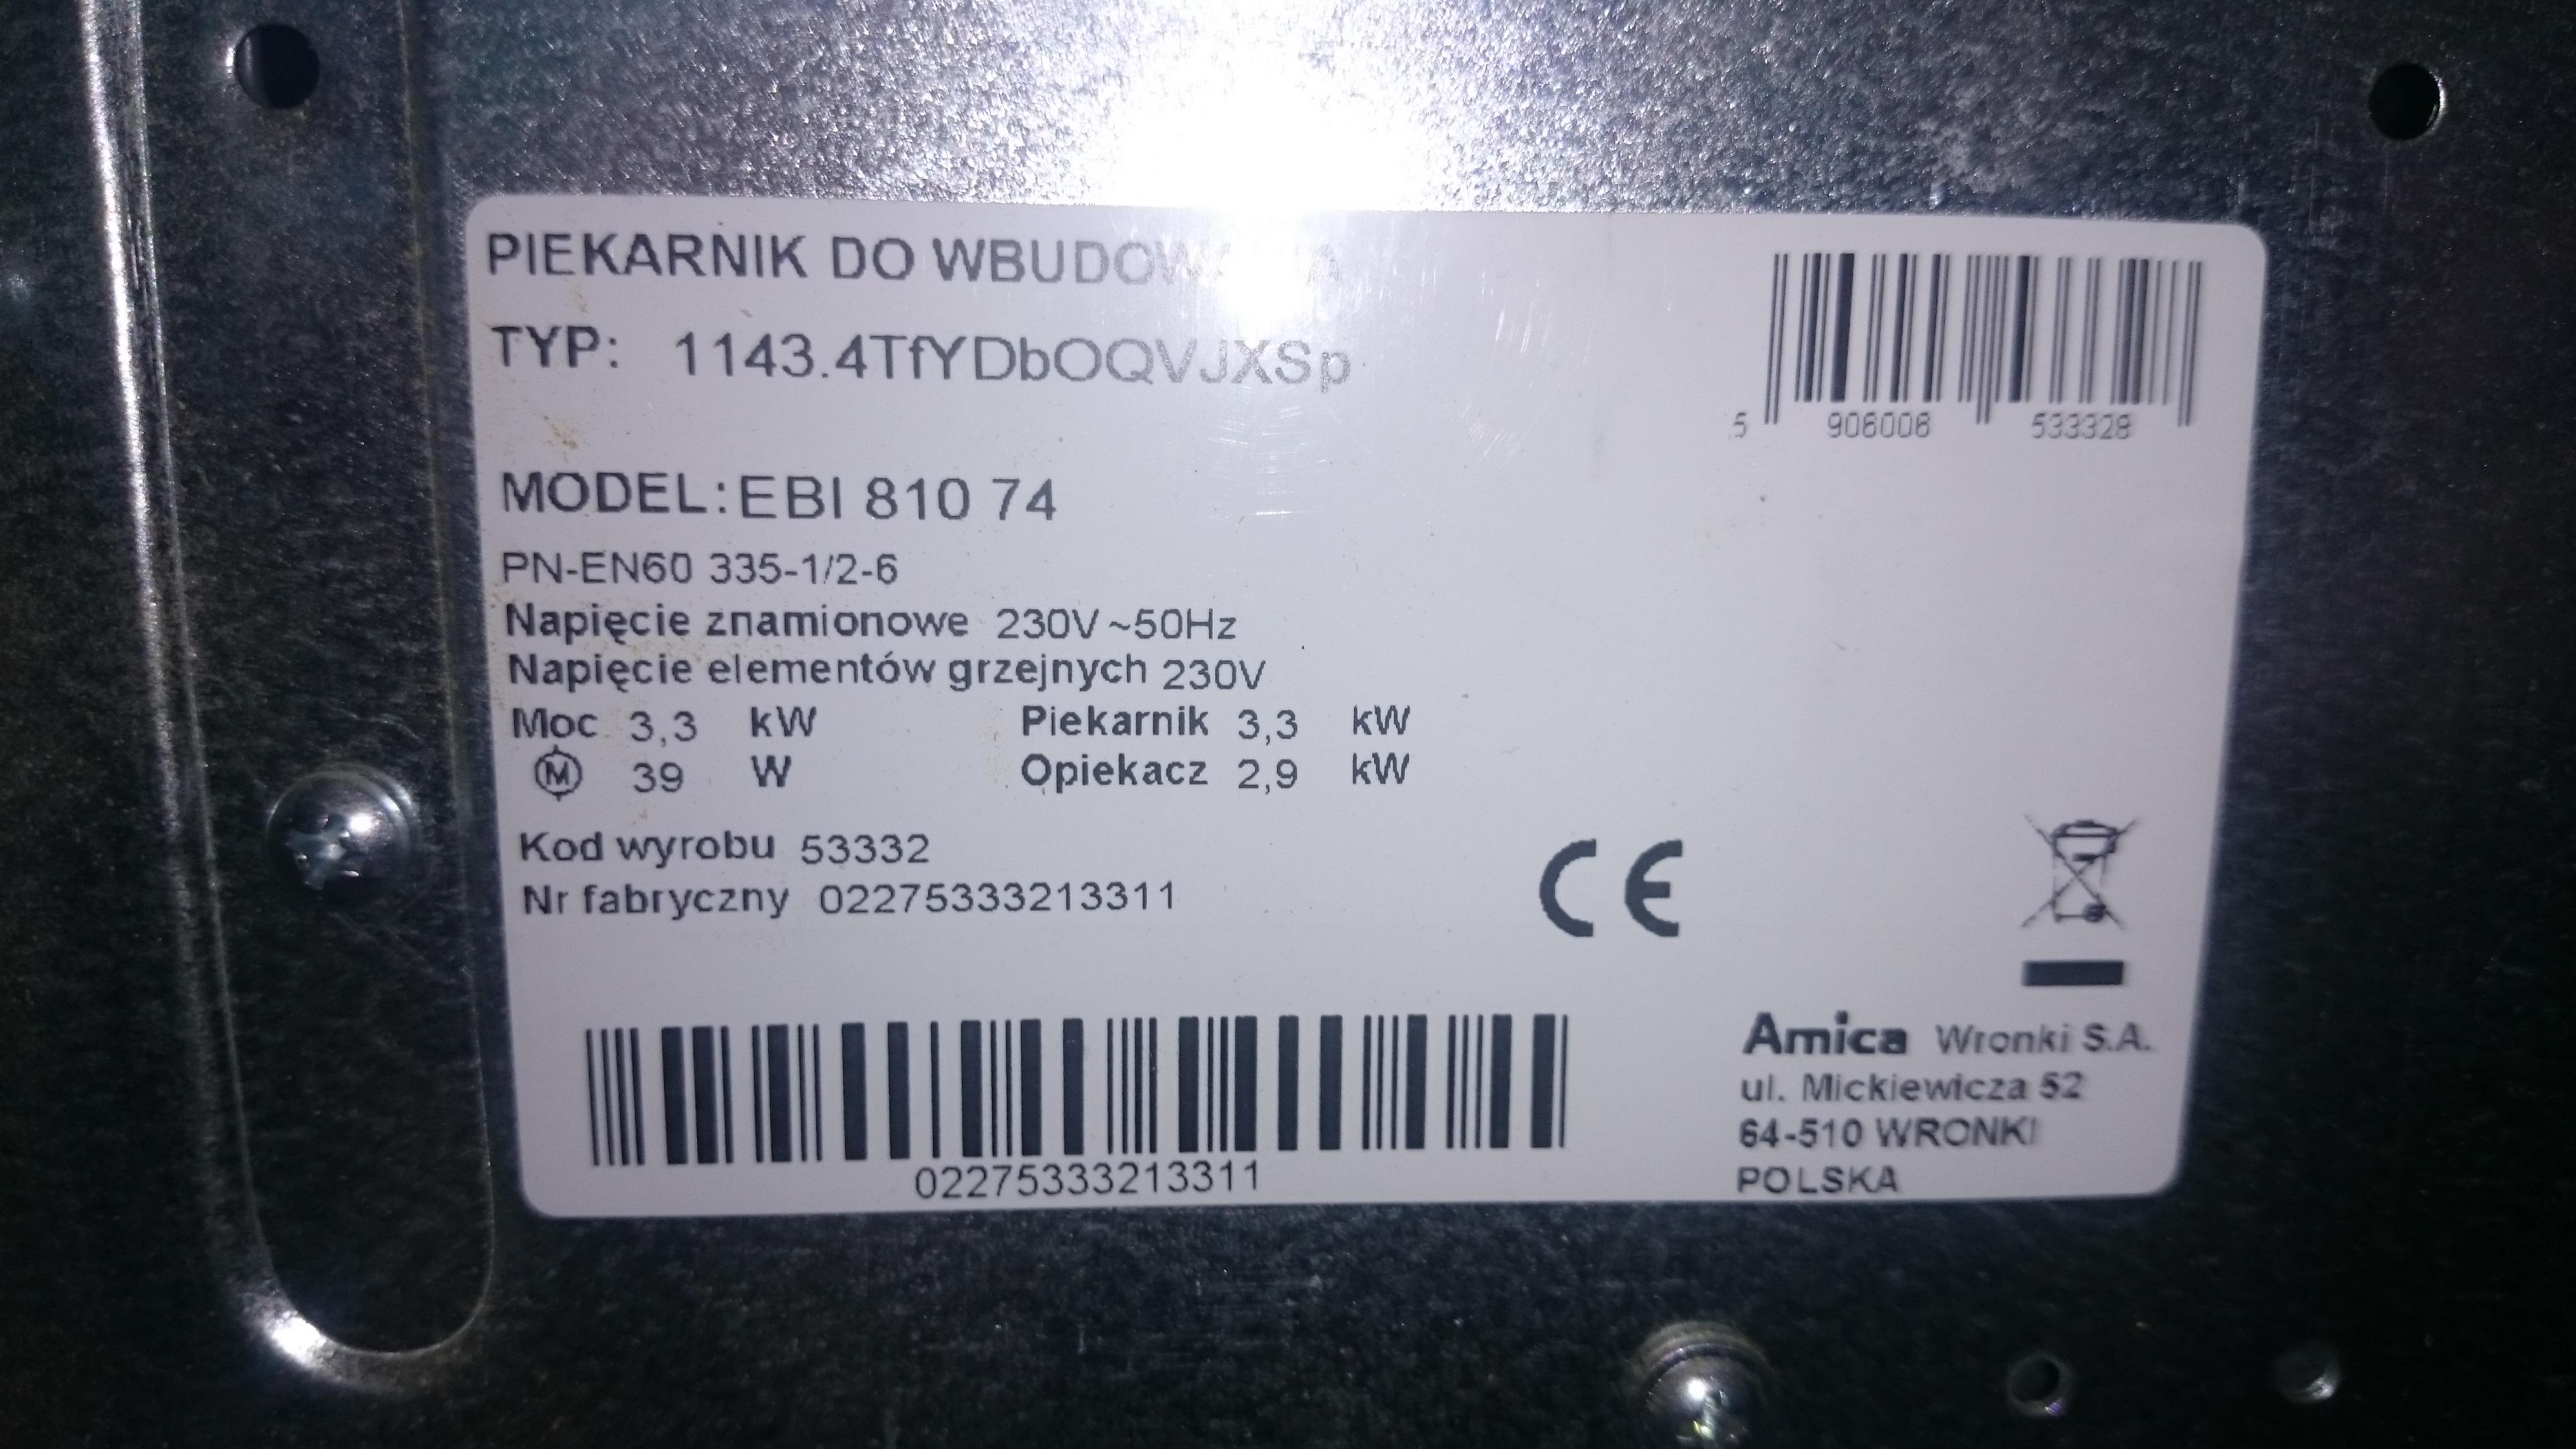 Kuchenka Amica Ebi 81074 Nie Grzeje Piekarnik Elektrodapl